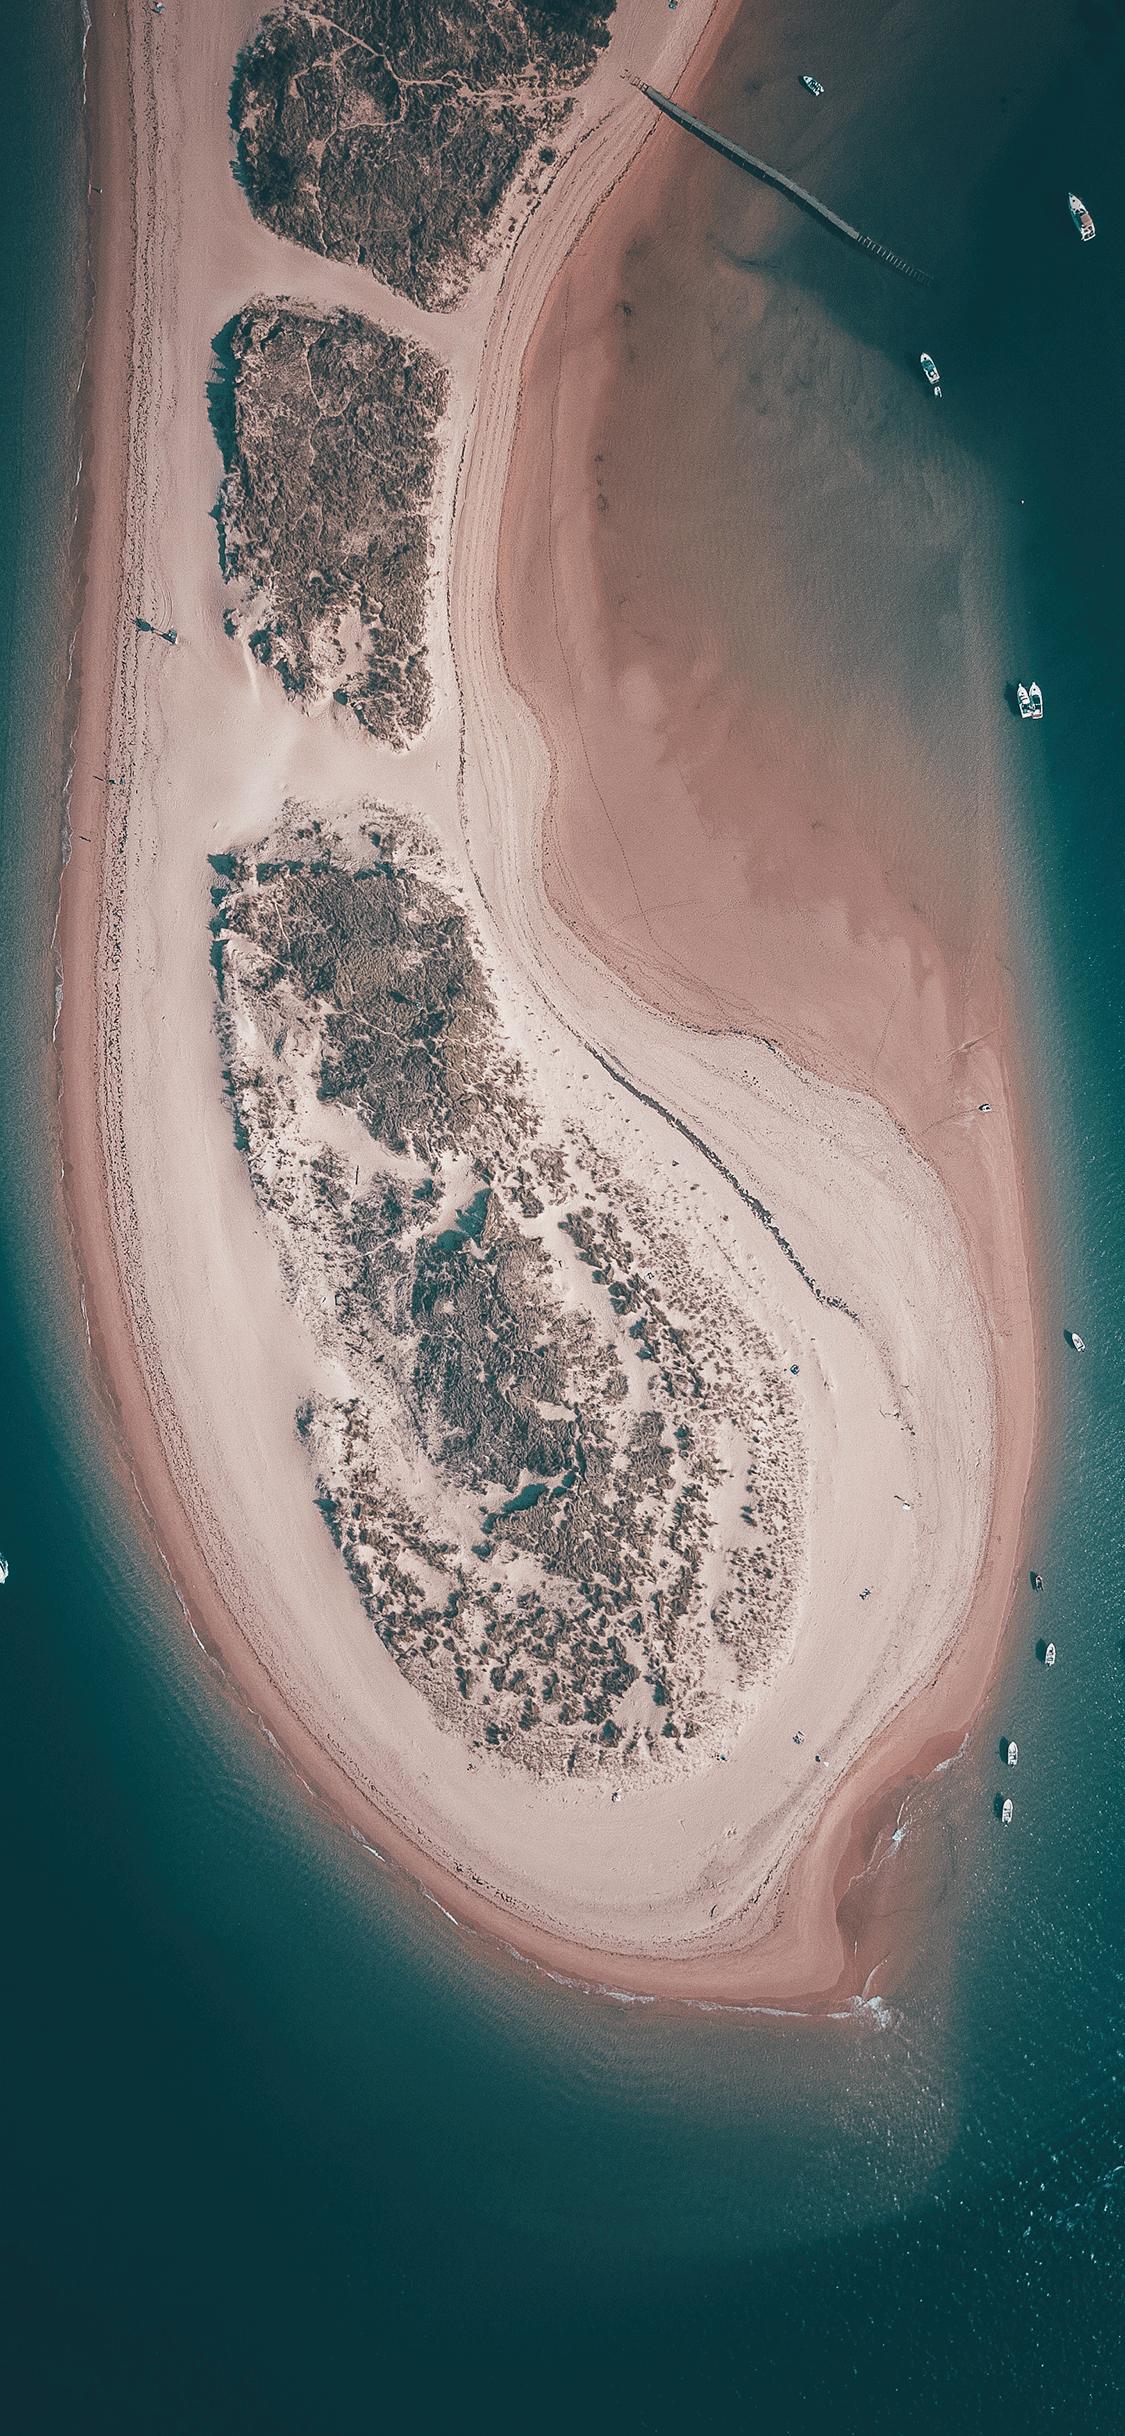 iPhone wallpaper aerial photos sea Fonds d'écran iPhone du 26/07/2018